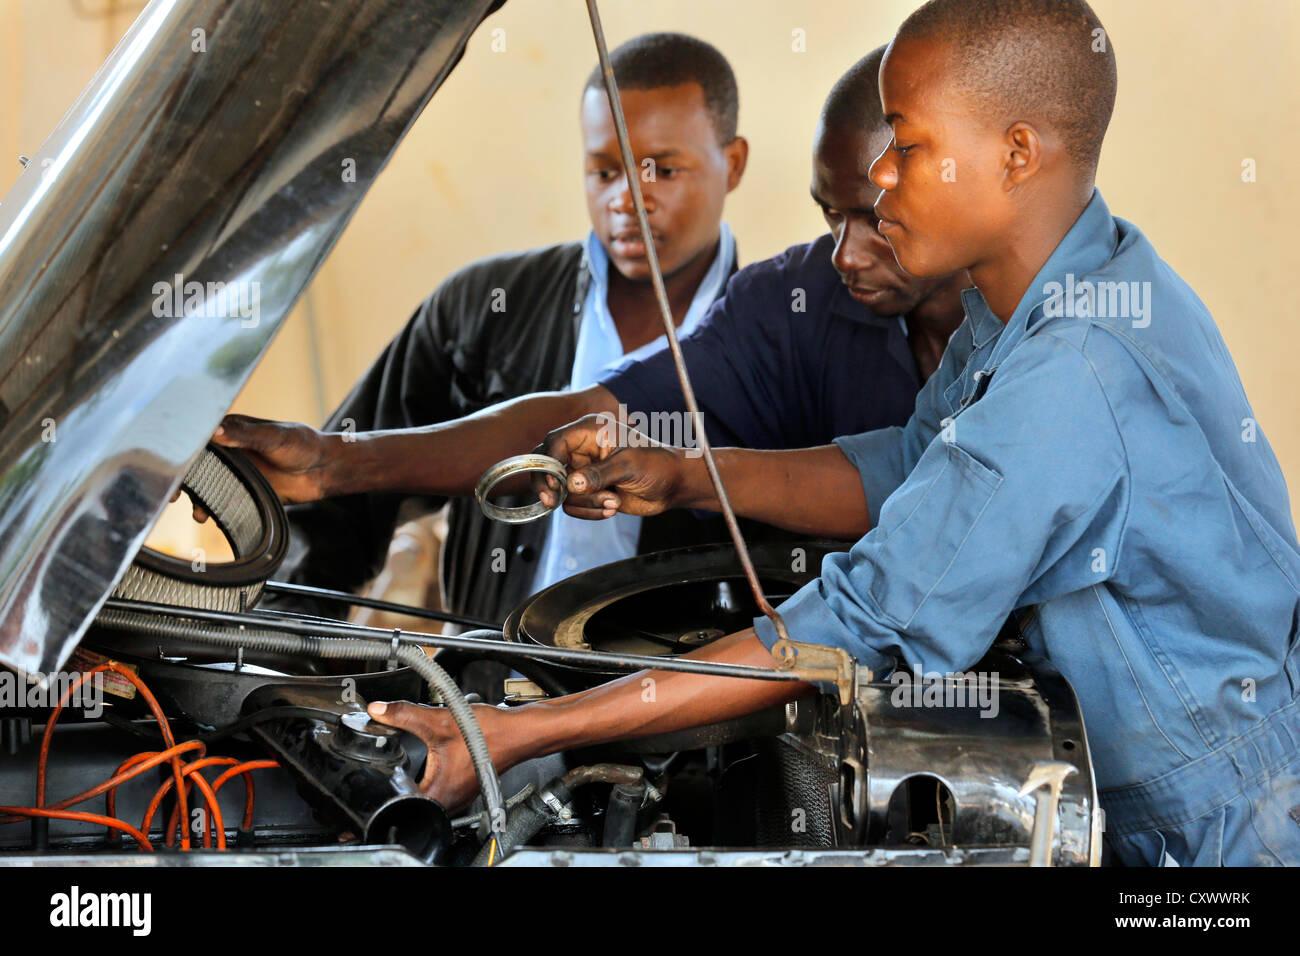 Os jovens mecânica funciona em um motor de carro. Centro vocacional, Machui Machui, Zanzibar, Tanzânia Imagens de Stock